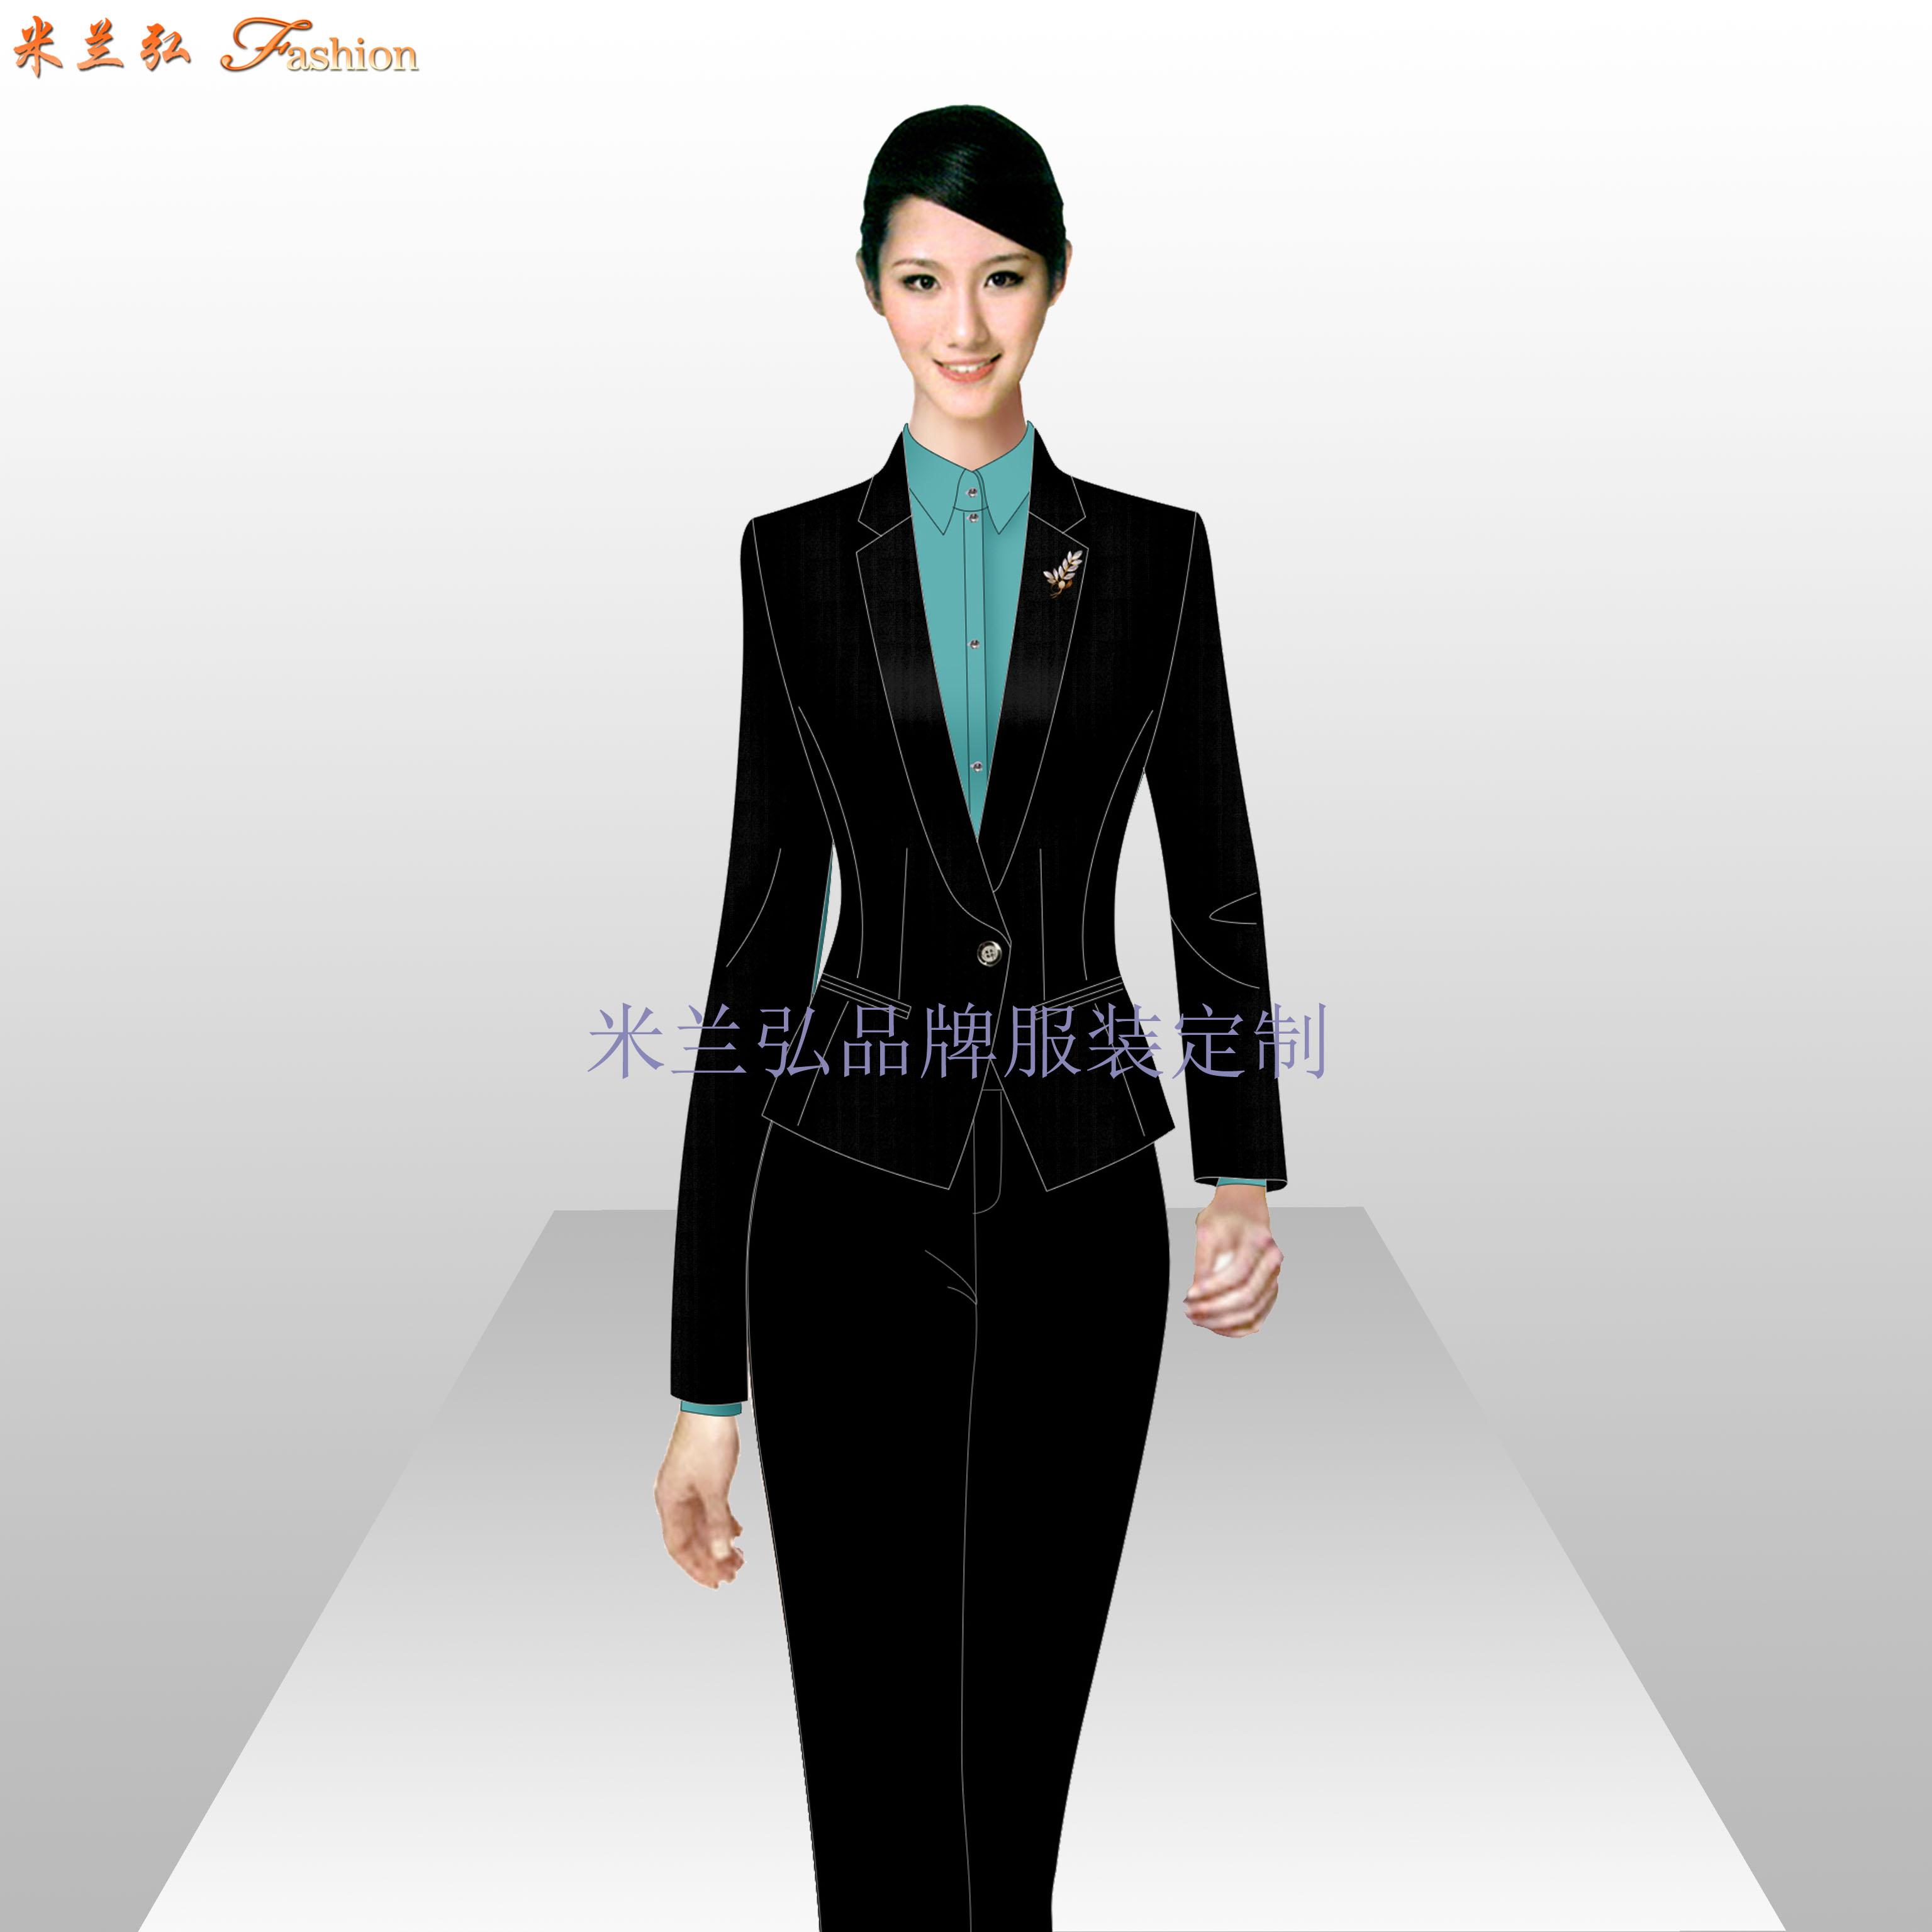 定制西裝-正裝西裝量身定做-米蘭弘服裝廠家-5